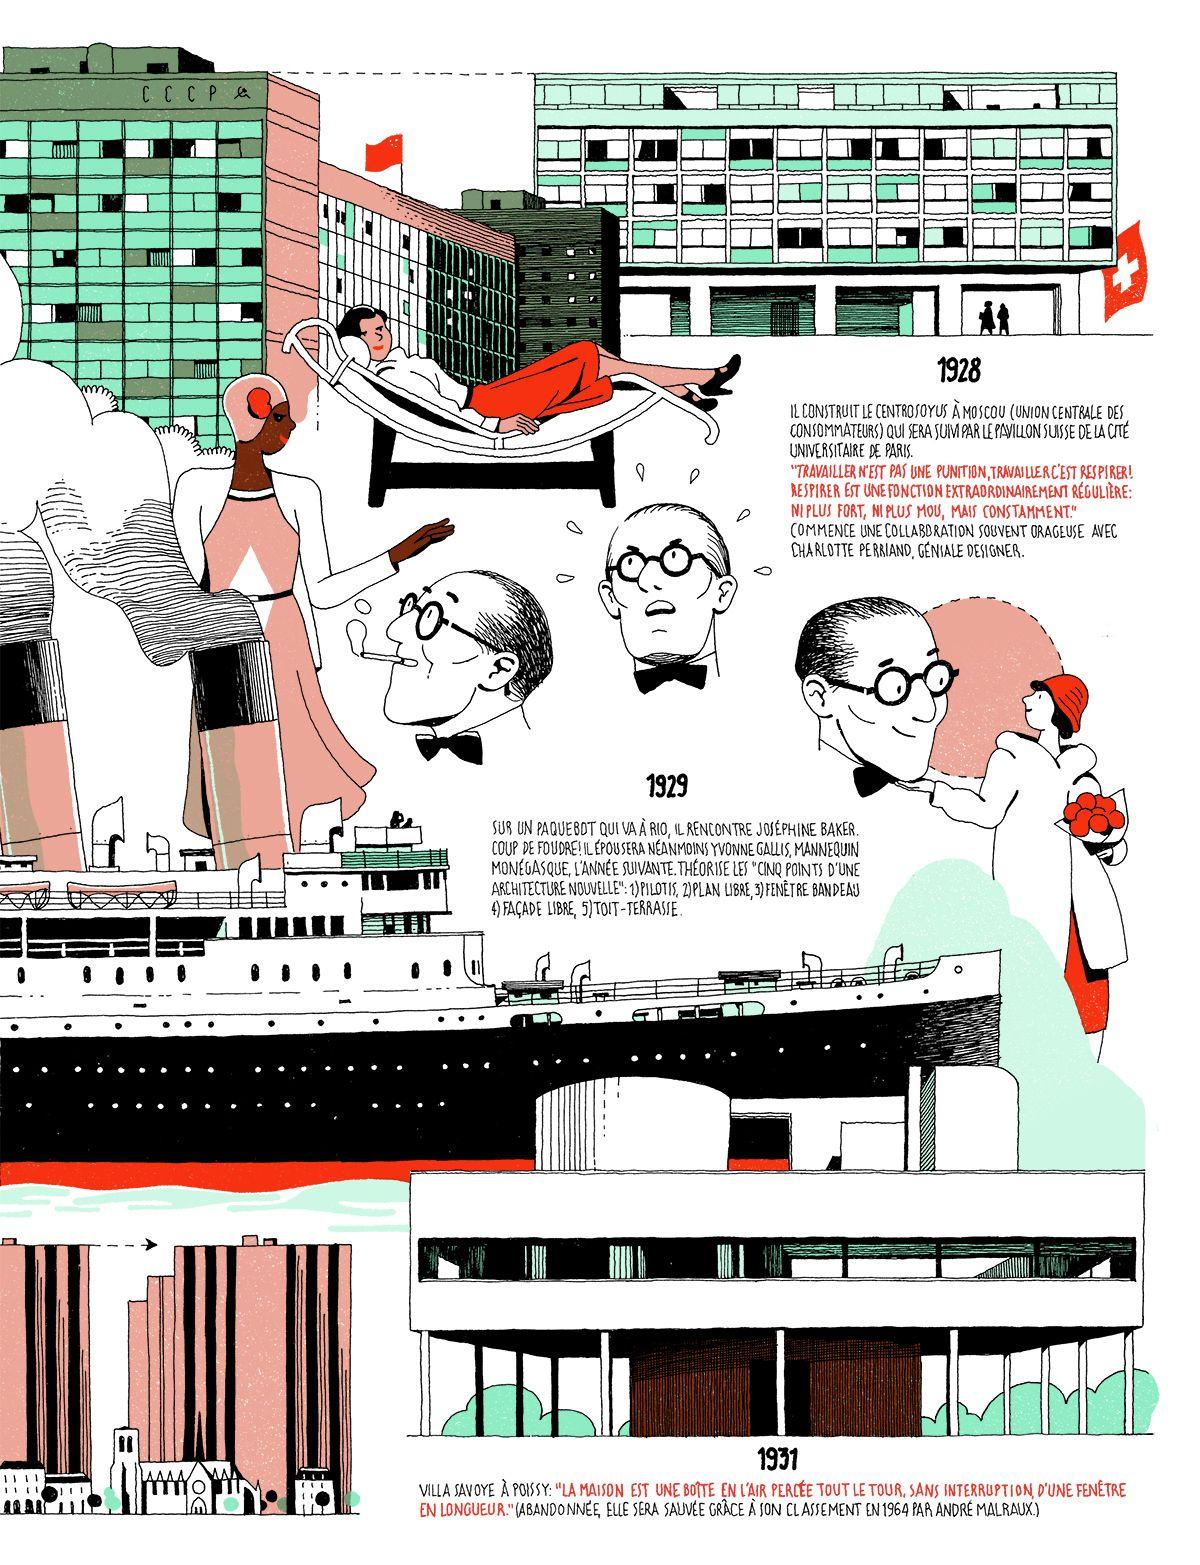 O artista e ilustrador francêsVincent Mahé compartilhou conosco seu trabalho mais recente. Trata-se de uma série de ilustrações feitas para uma...